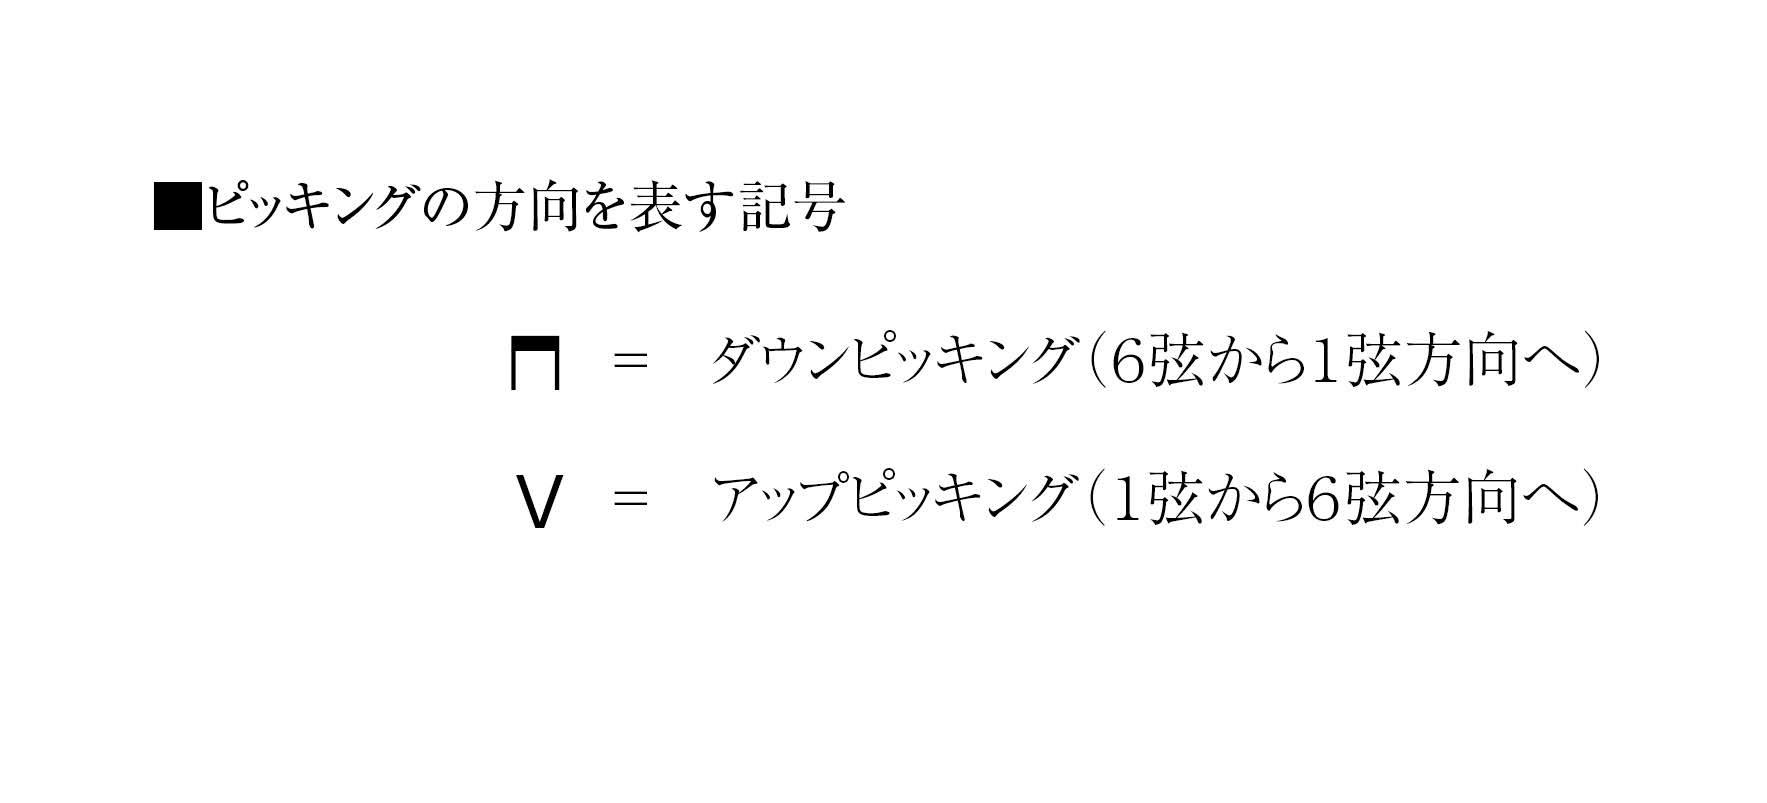 ピッキングの向きを表す記号